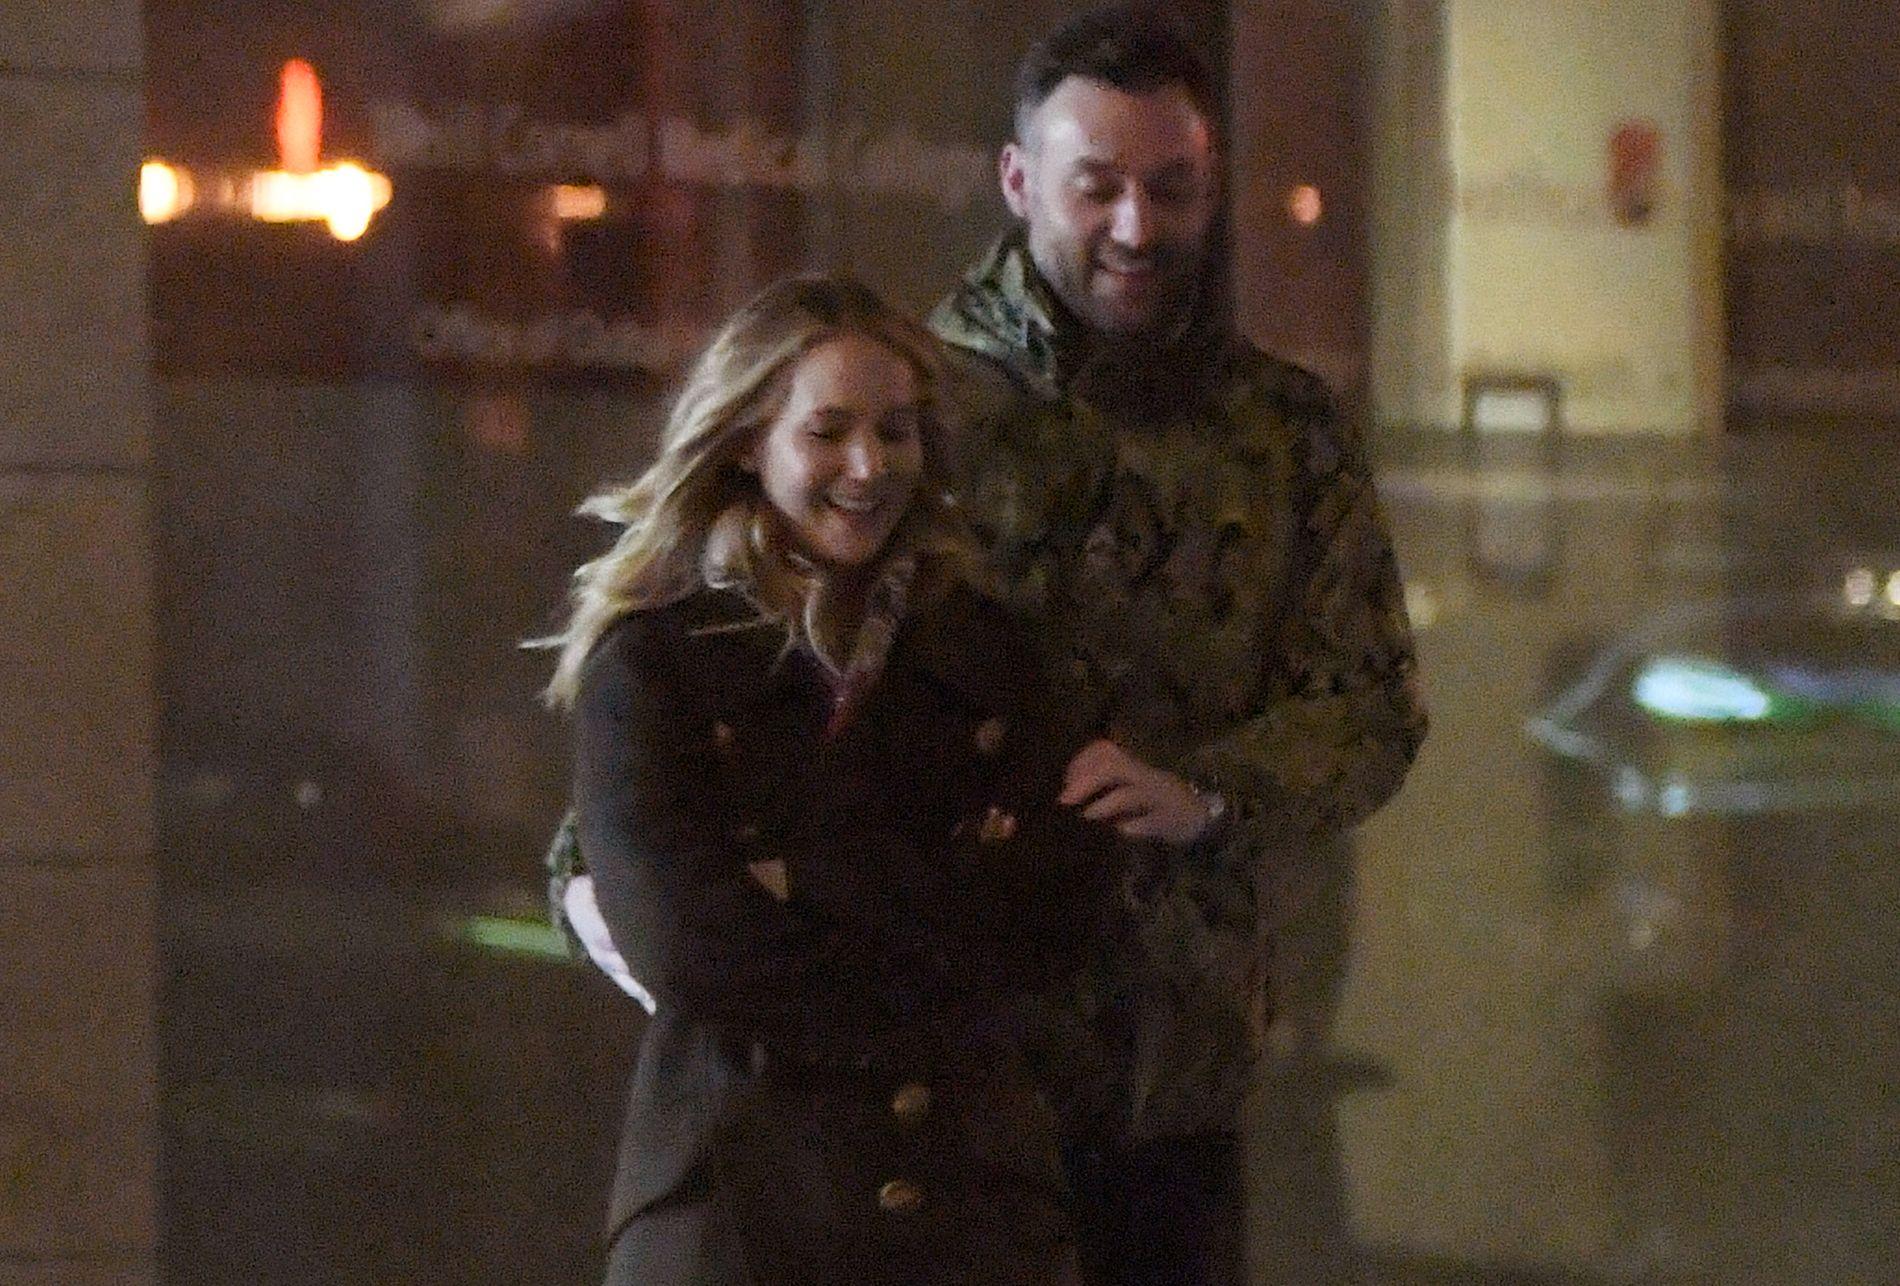 UTE OG FEIRET: Nettstedet Page Six meldte tirsdag at Jennifer Lawrence og kjæresten Cooke Maroney i helgen «var ute og feiret».